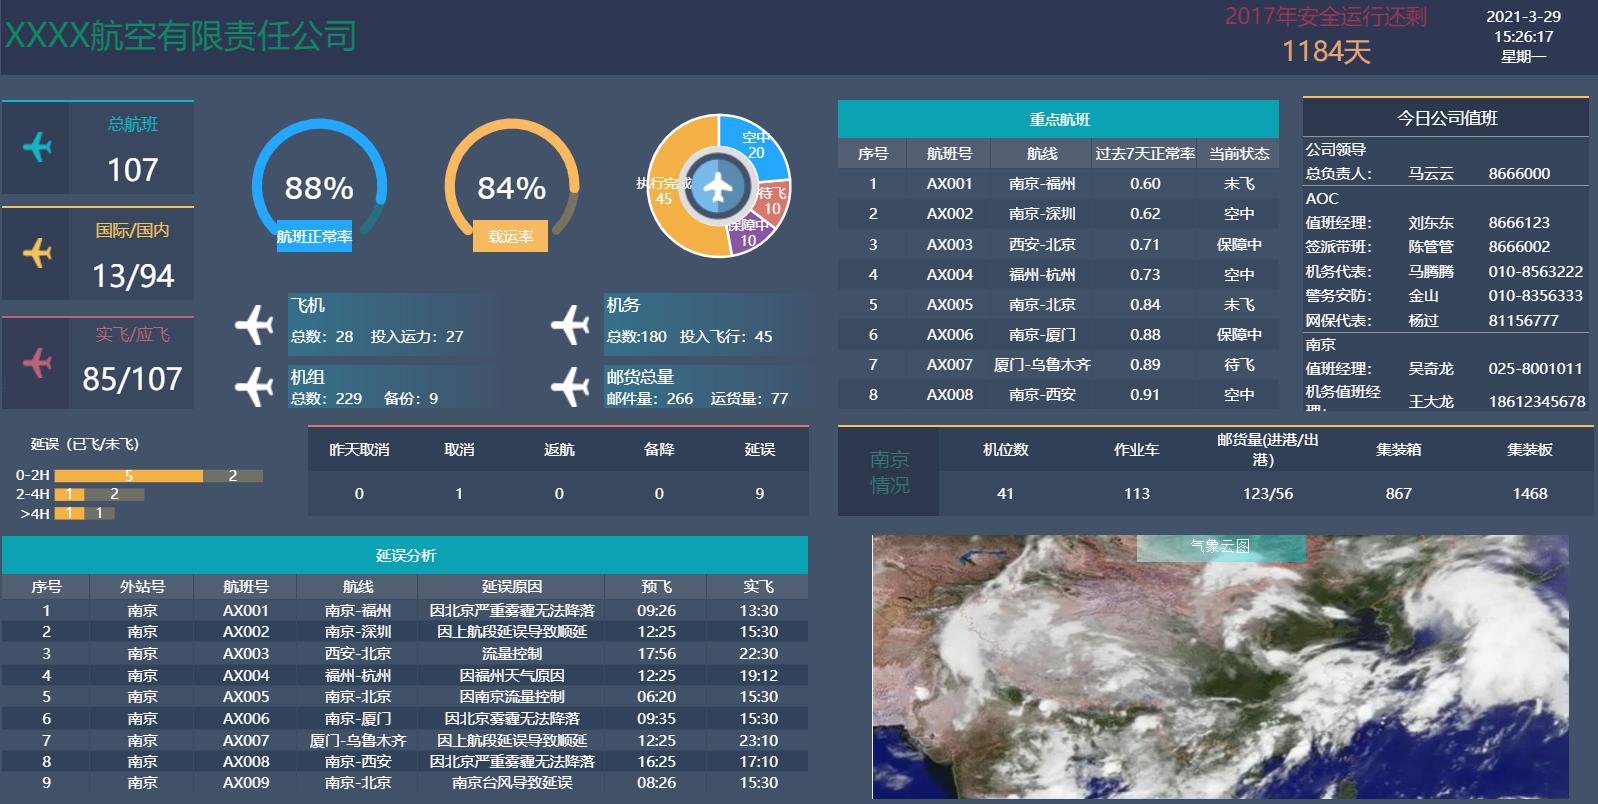 24张最新可视化大屏模板,各行业数据直接套用